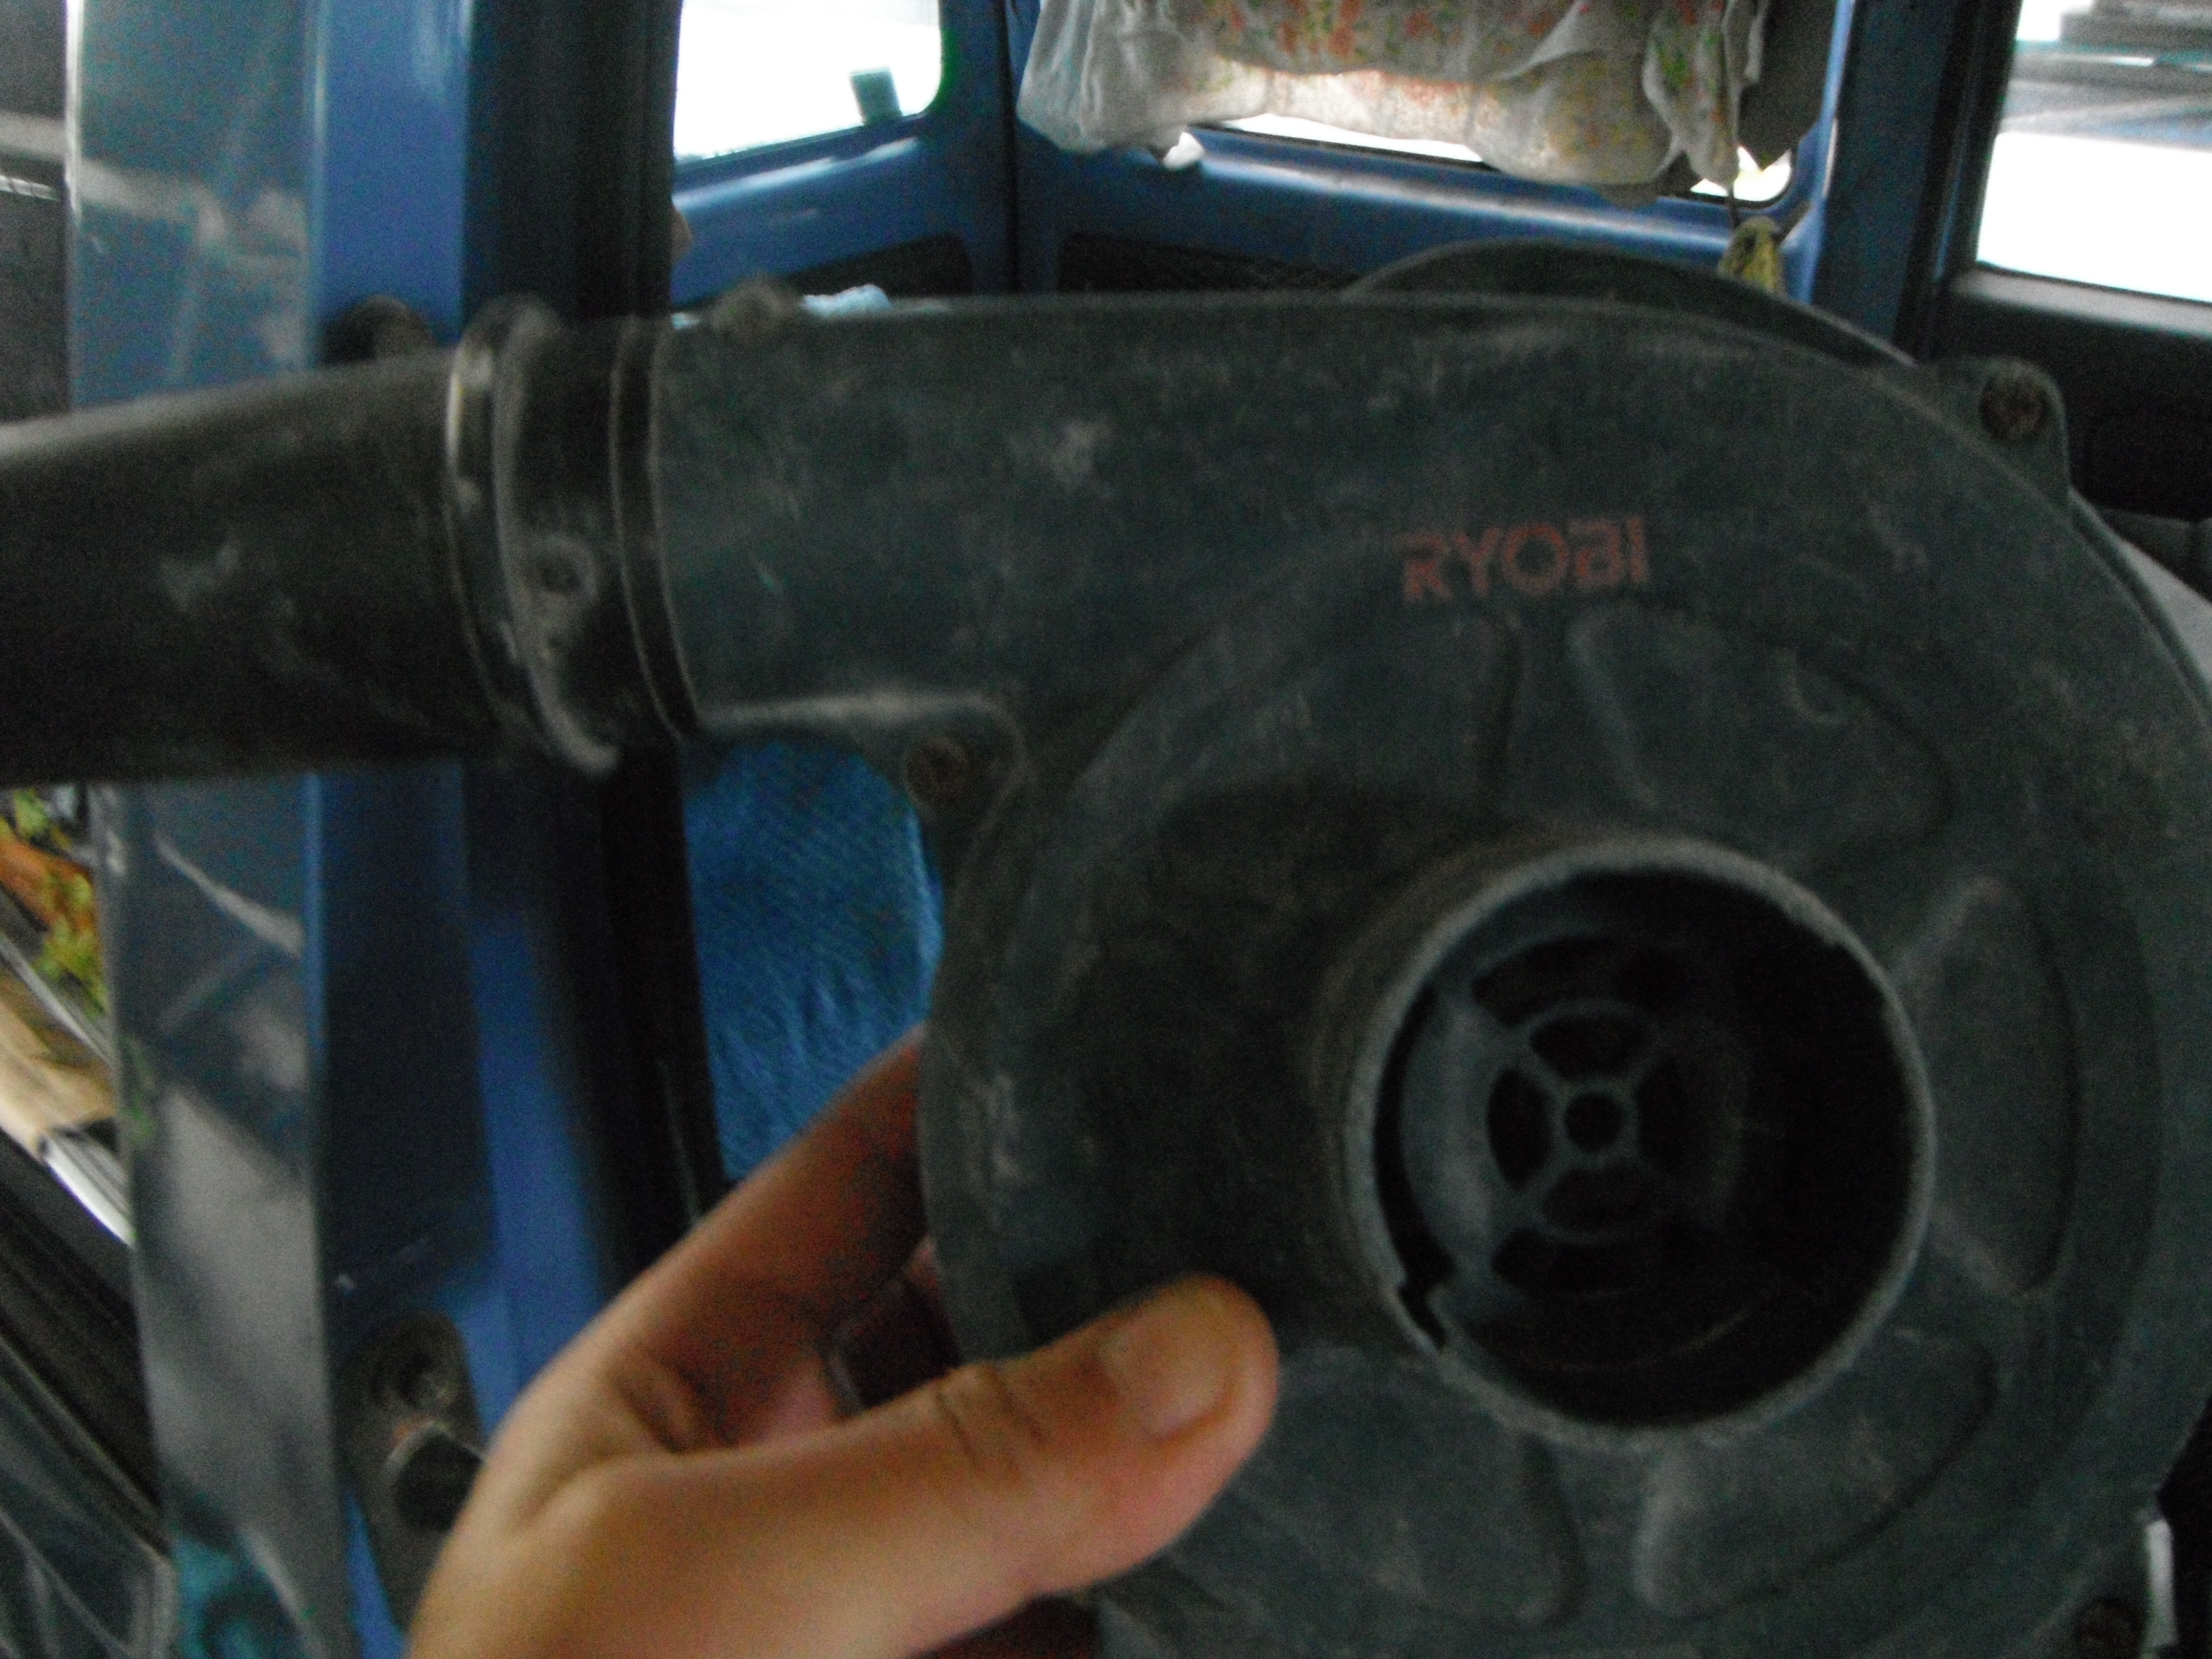 ブロワーは掃除だけではない。タイルを貼った後は超便利だったんです!